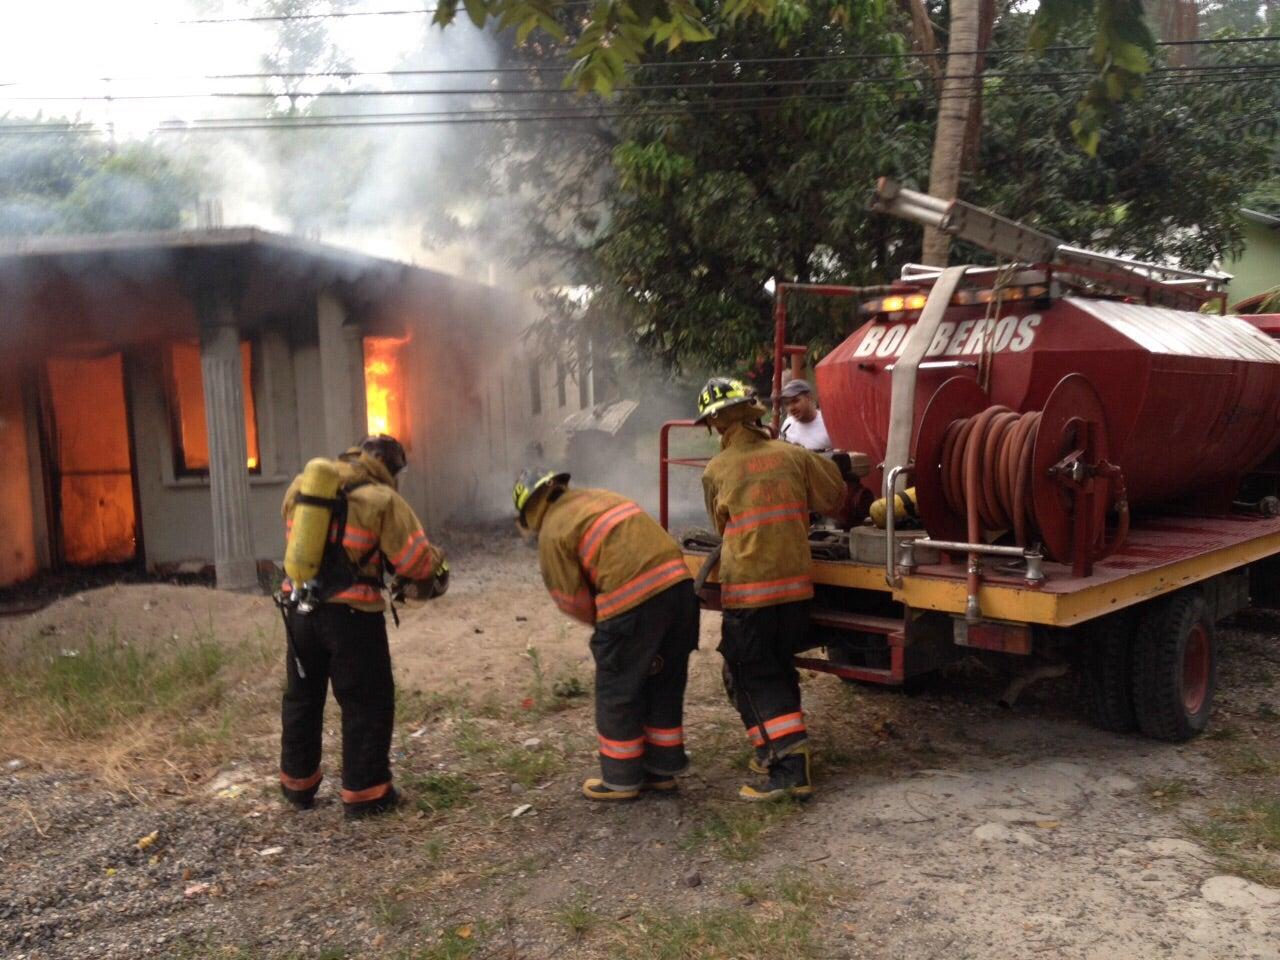 Honduras: Bomberos apagan fuego tras explosión de otra cohetería en Copán